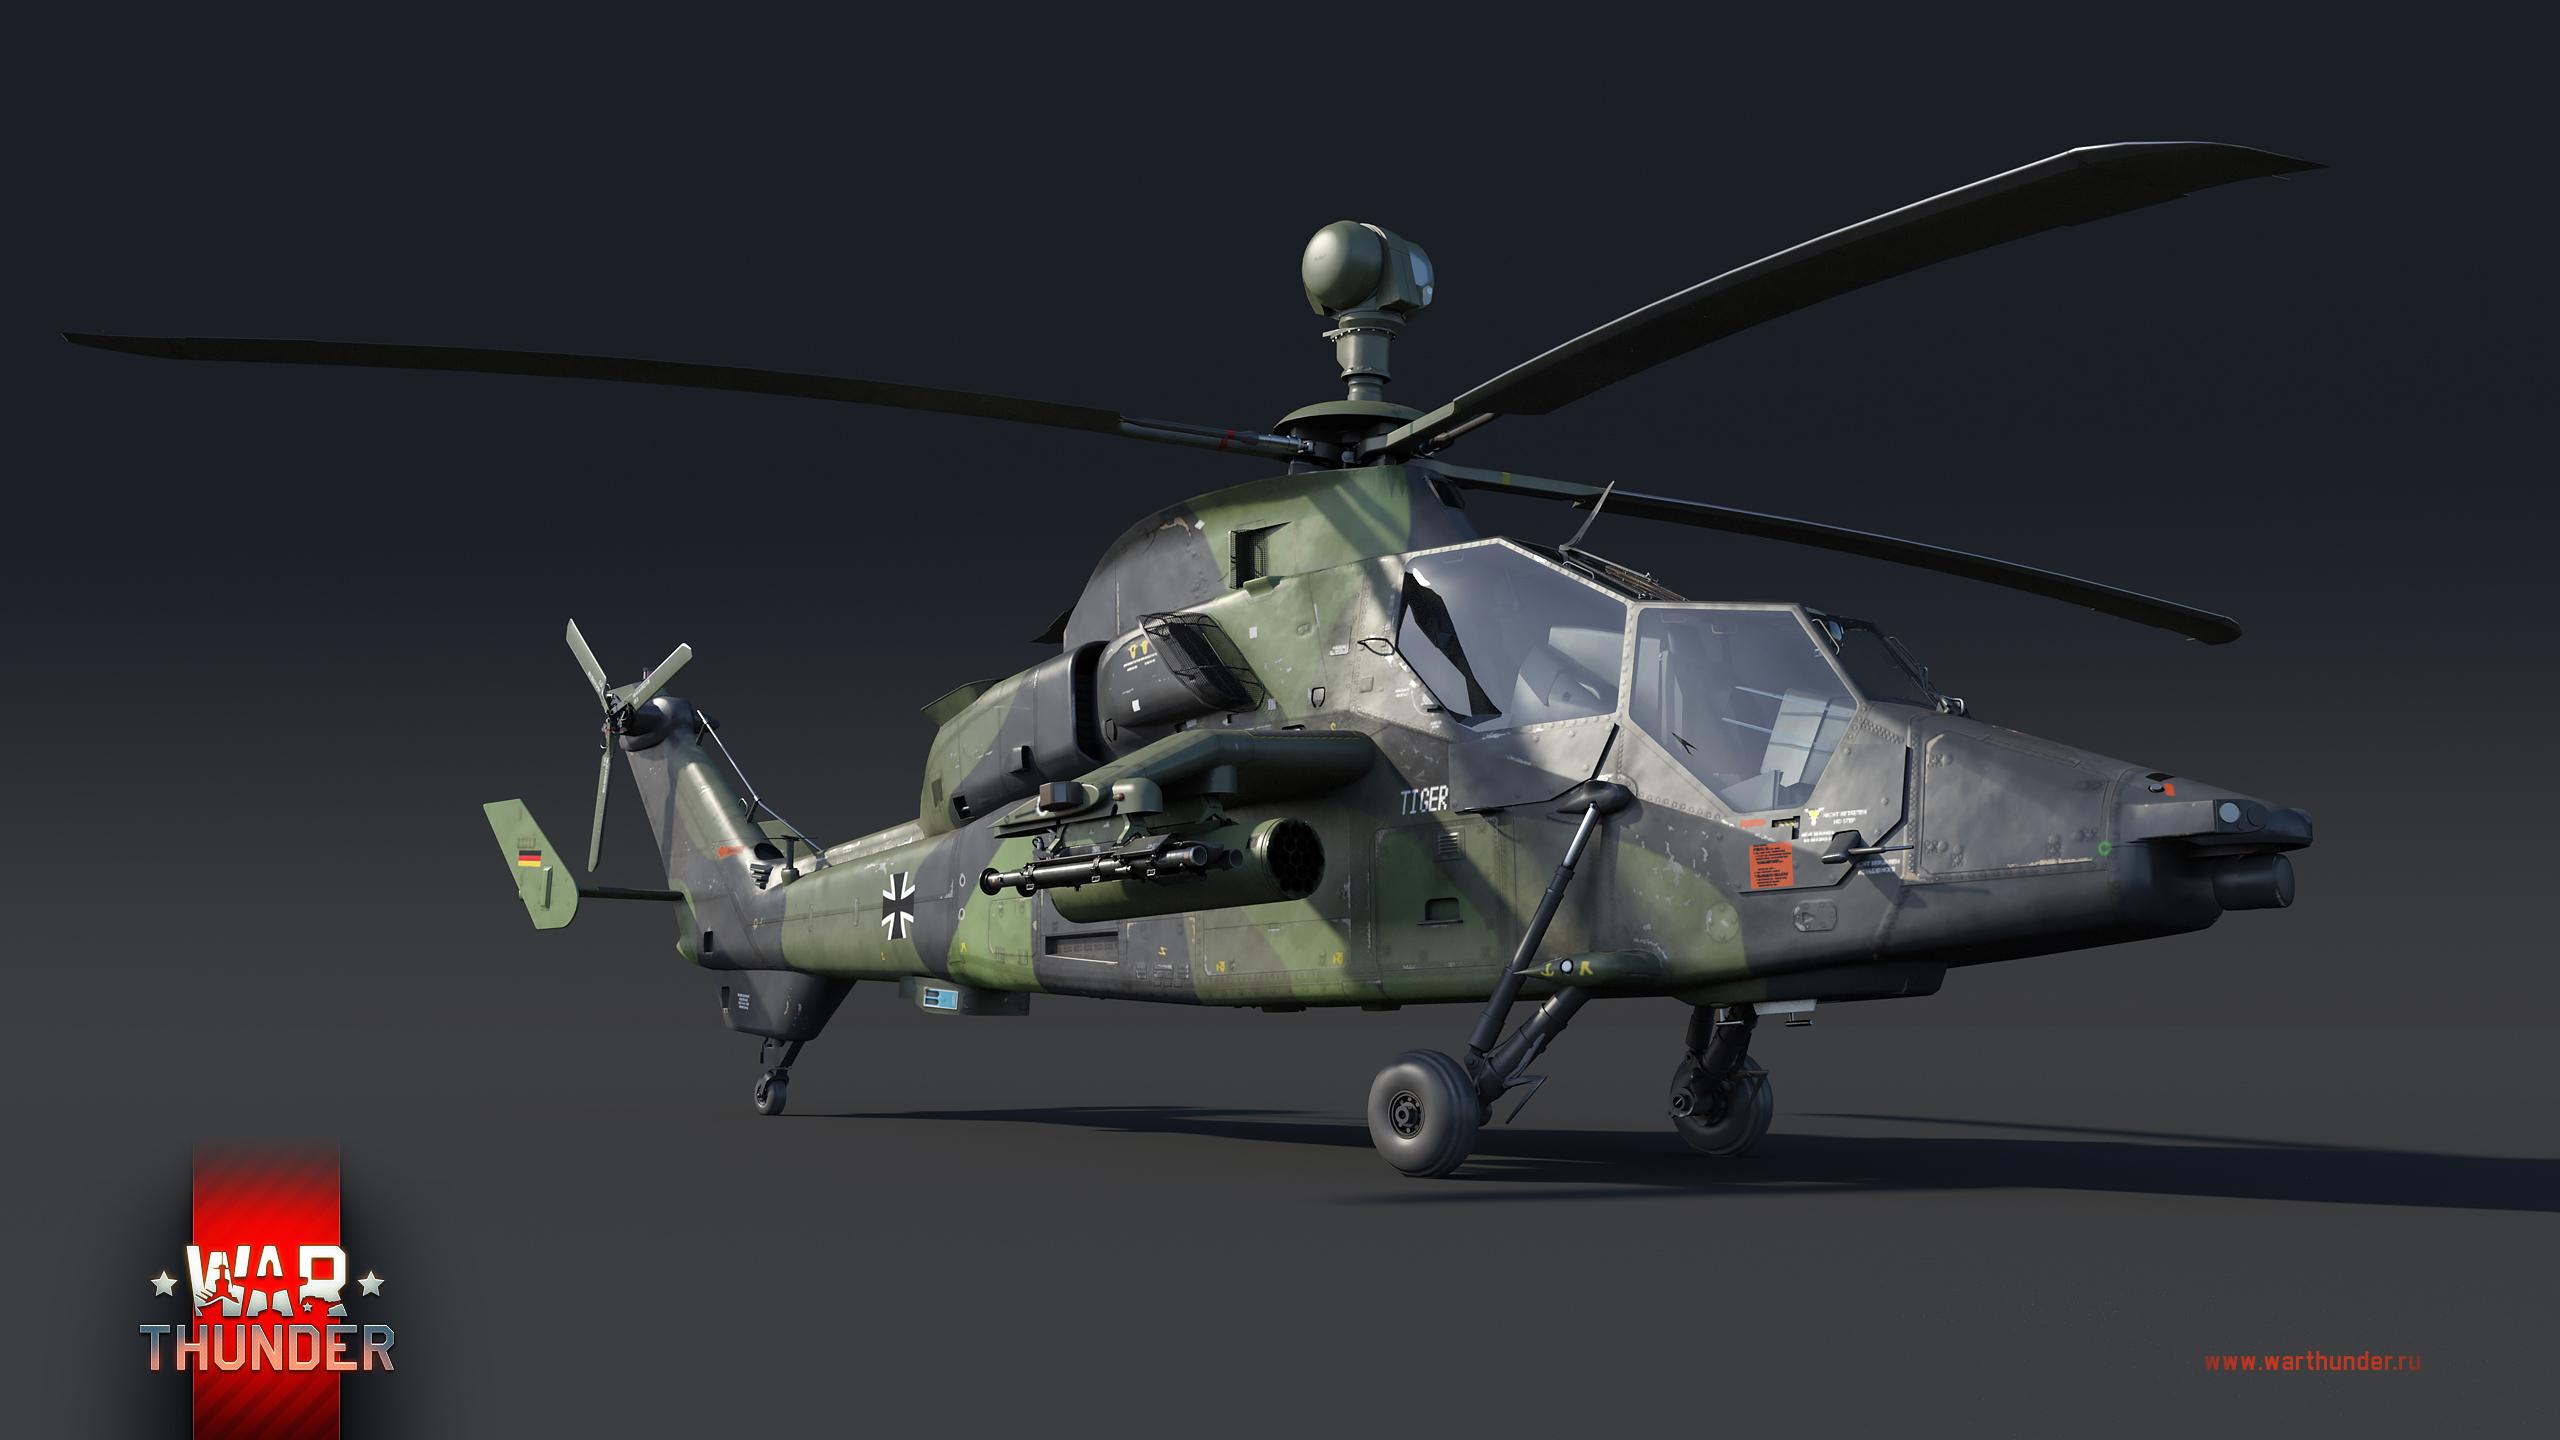 Обои ec 665, ударный, Tiger, Eurocopter. Авиация foto 13